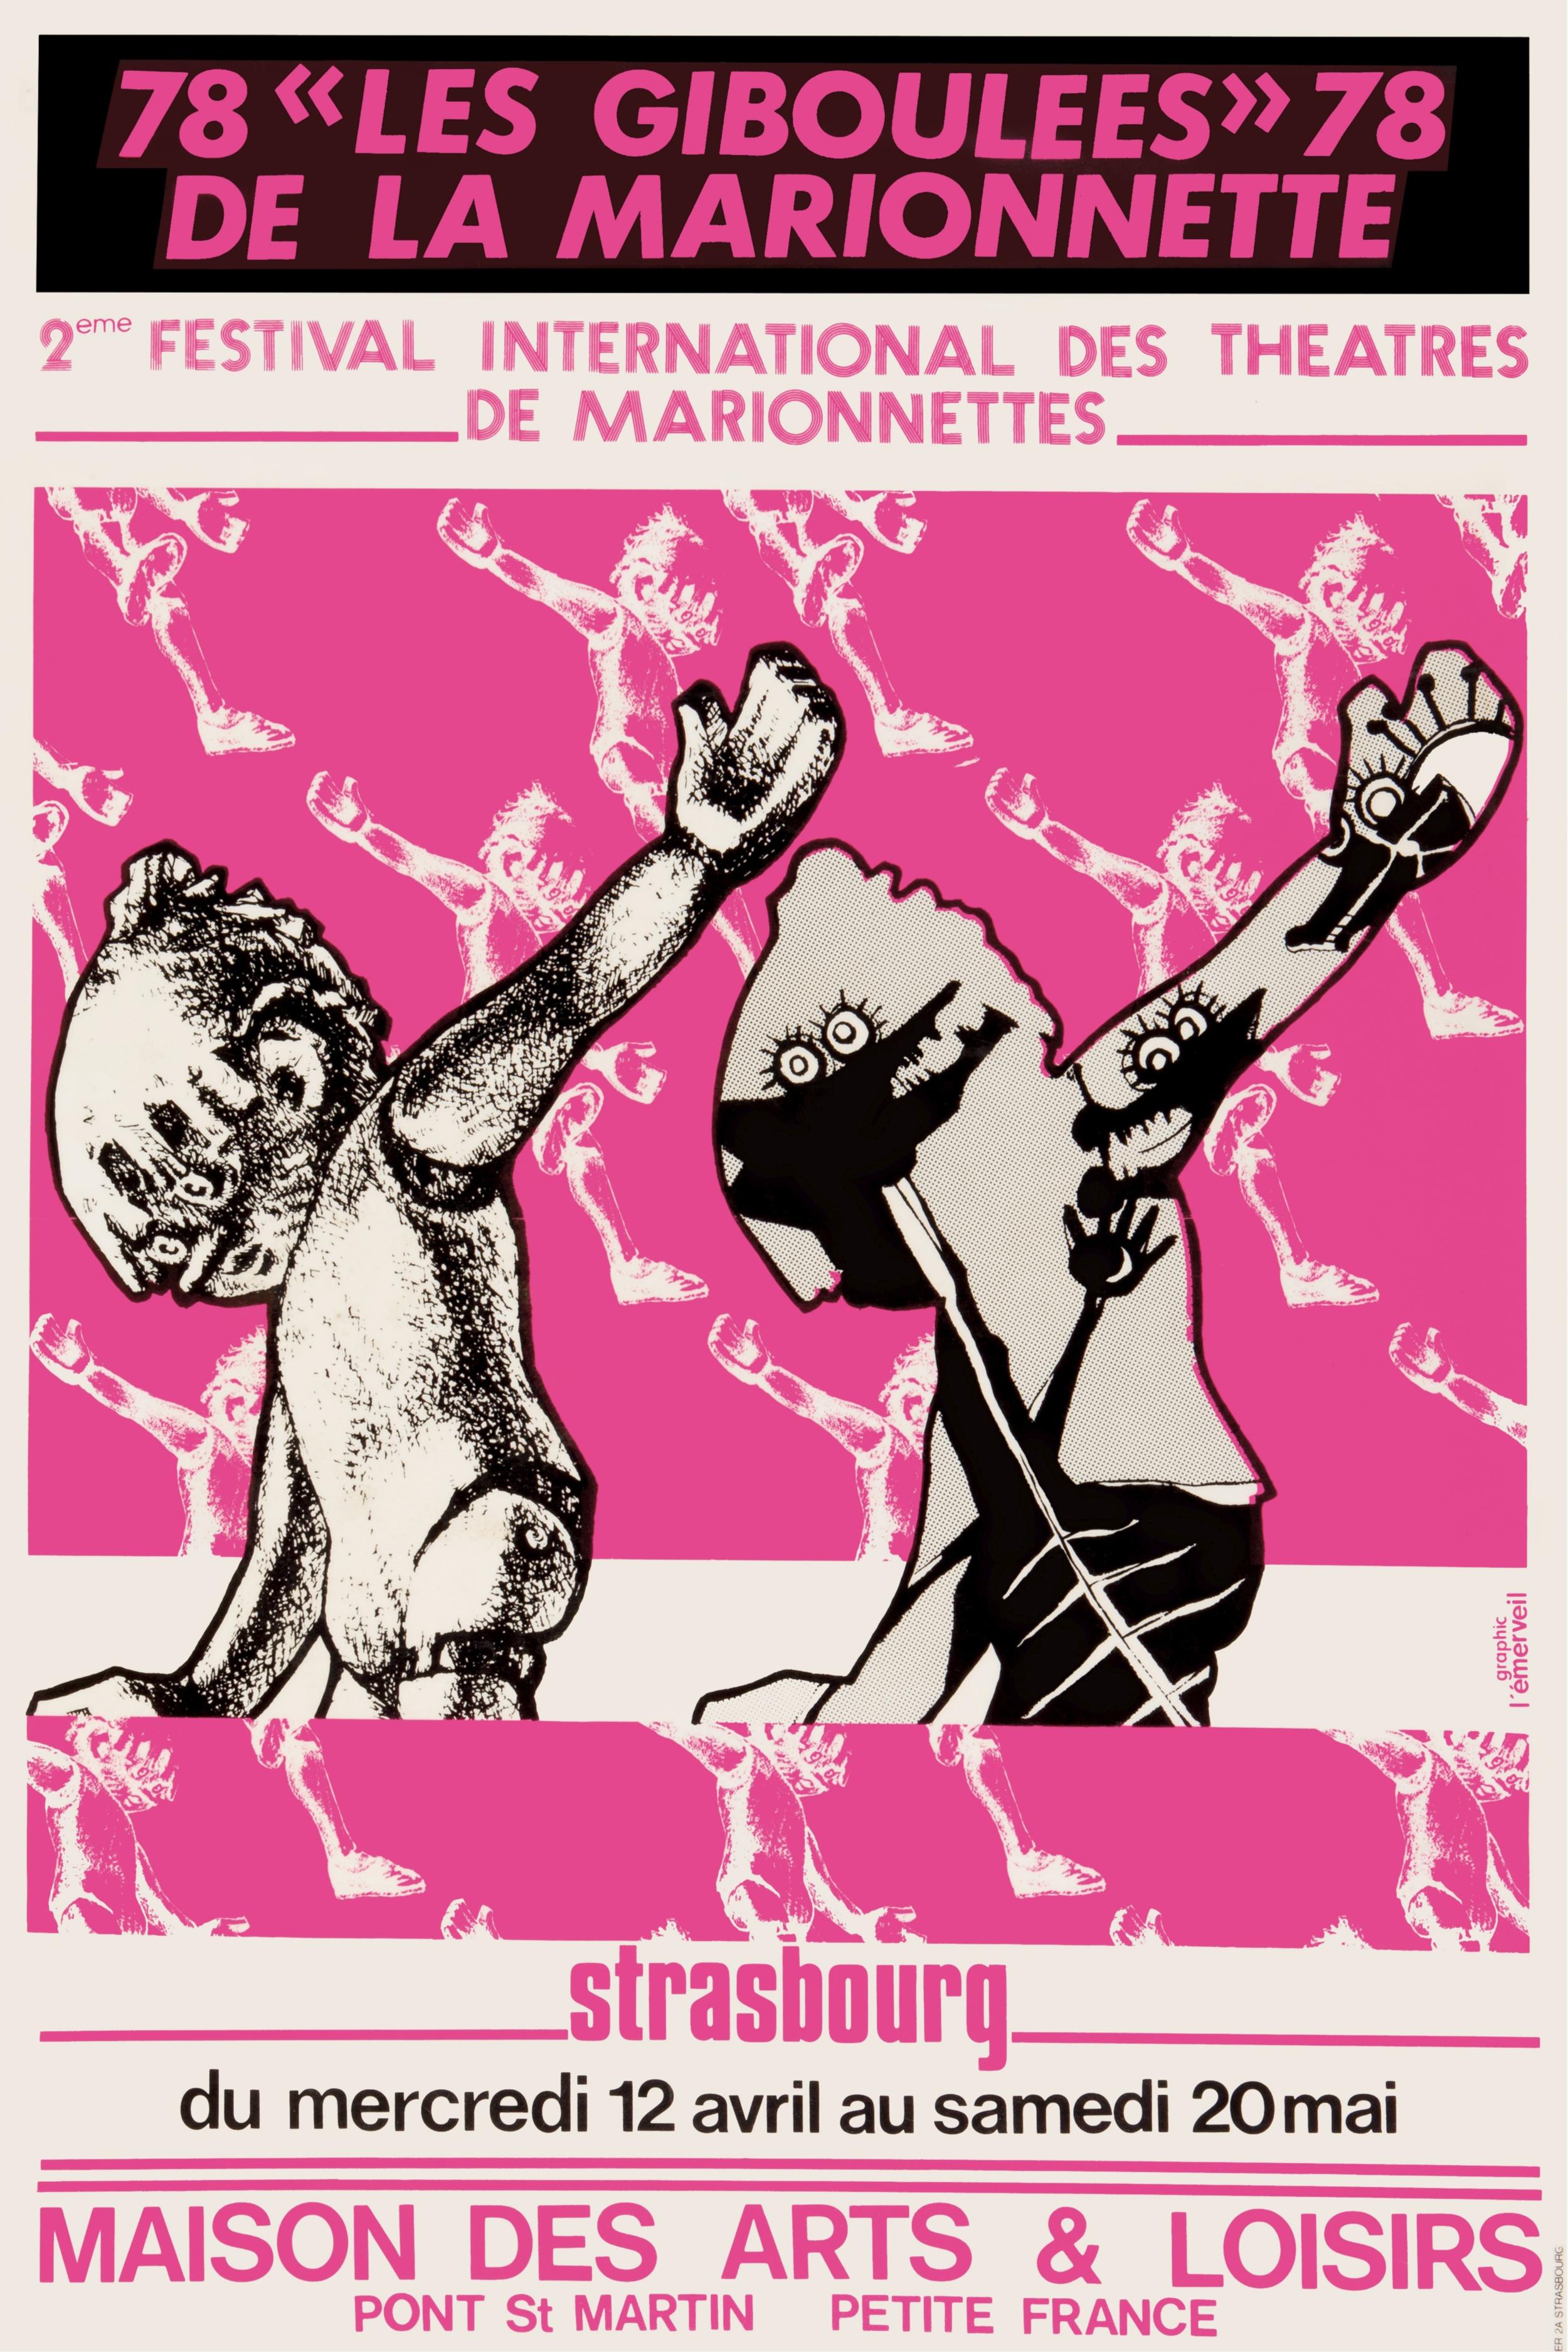 Affiche pour les Giboulées de la marionnette (12 avril-20 mai 1978). Graphiste : Graphic L'émerveil, 120X80 cm. Archives TJP, Strasbourg.